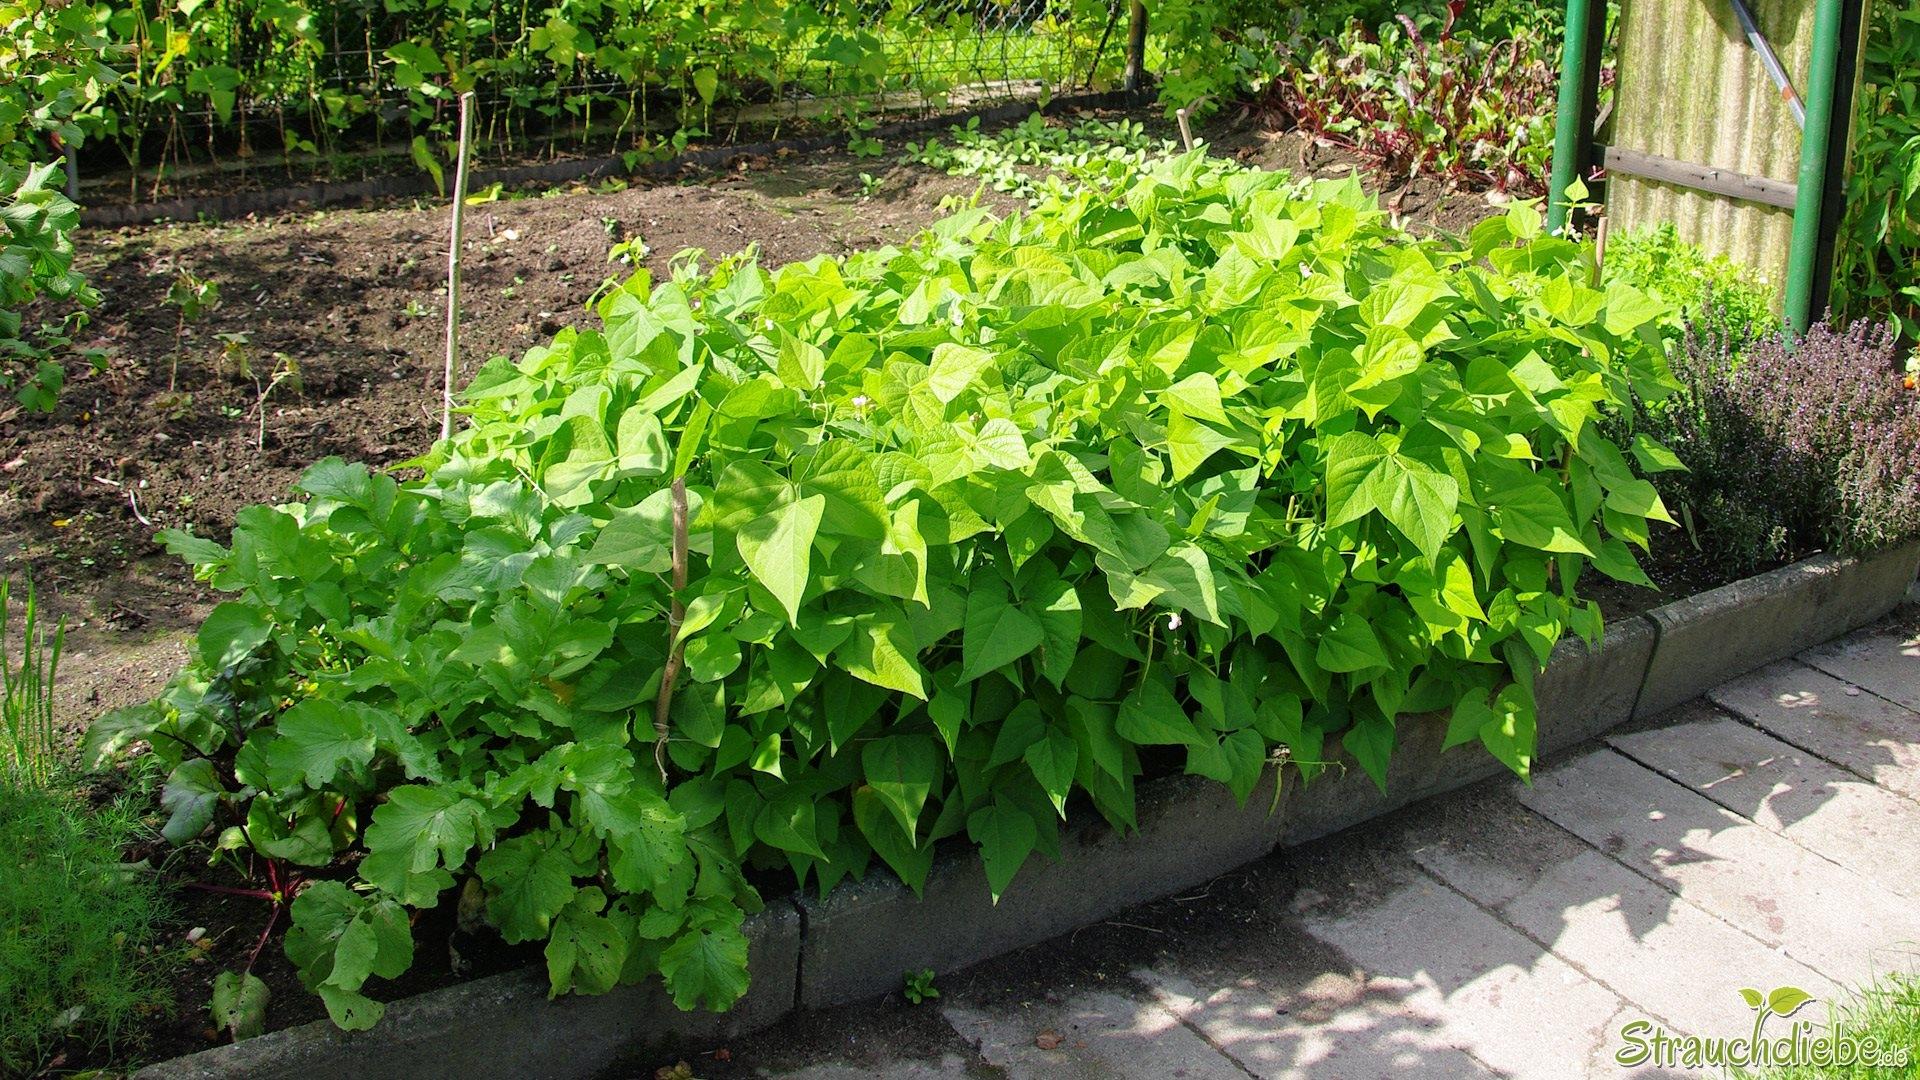 Buschbohnen strauchdiebe - Gartenarbeiten im mai ...